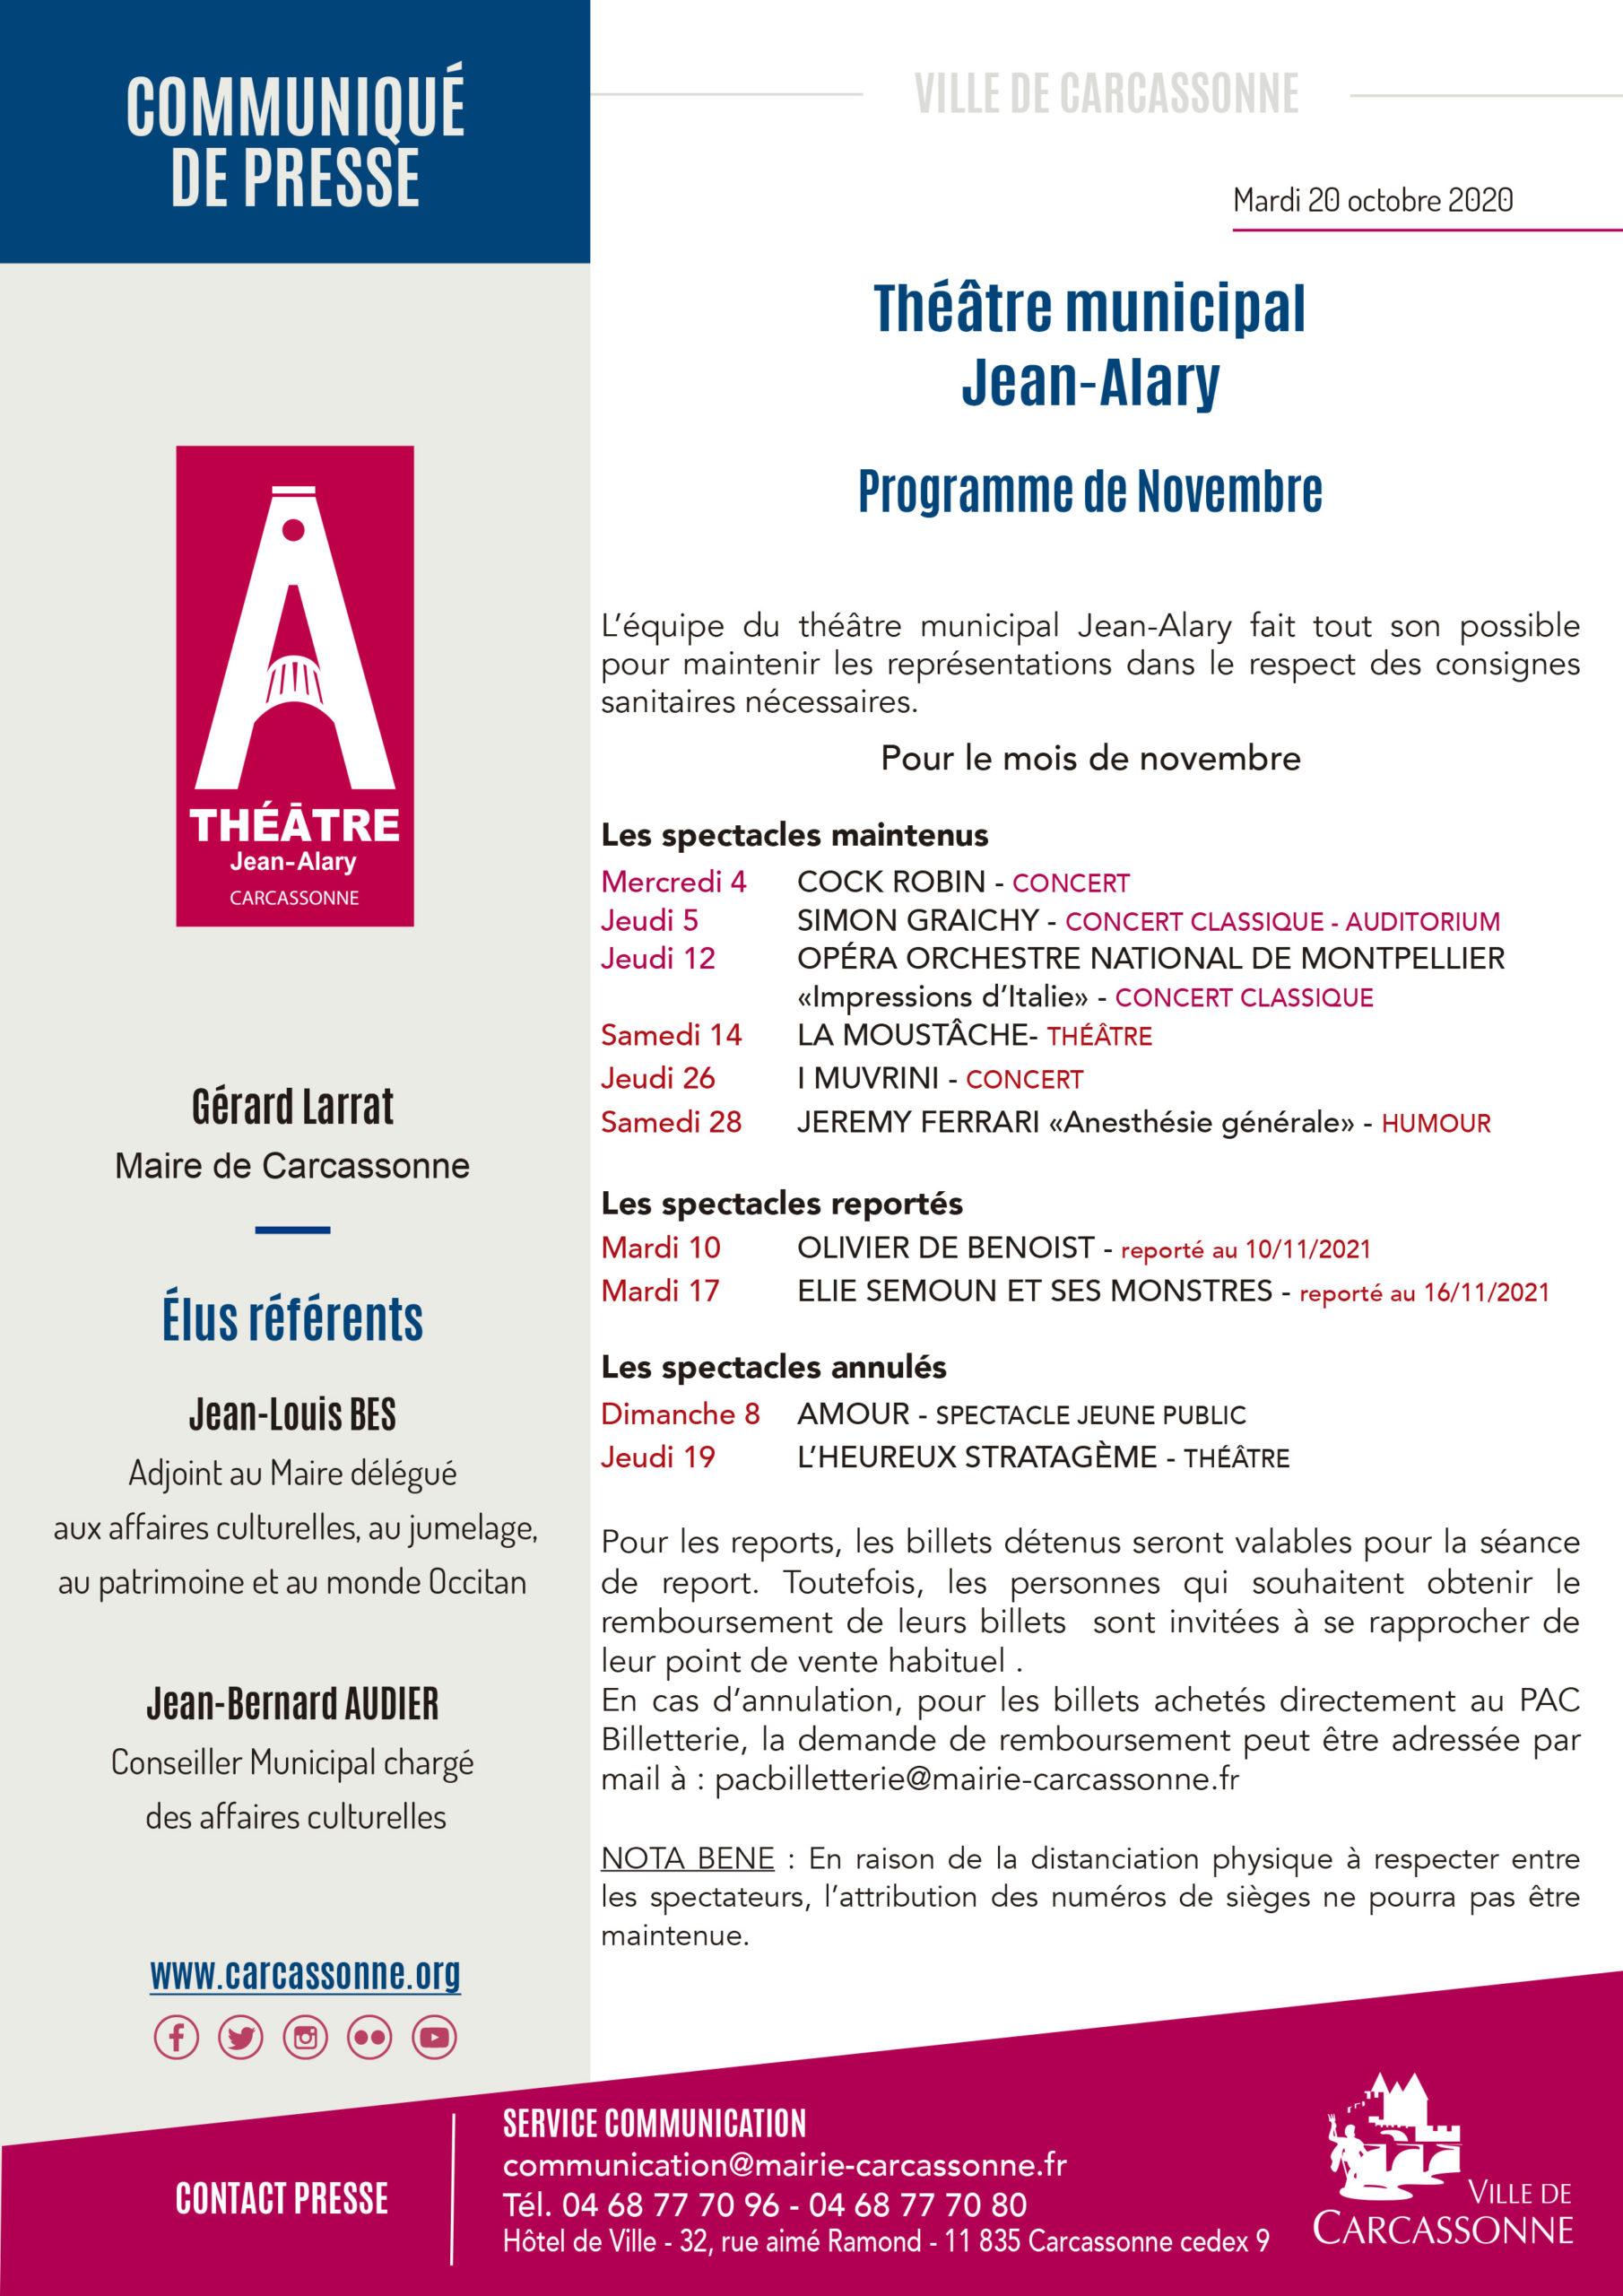 Communiqué de PRESSE : Théâtre Jean-Alary / Programme de novembre